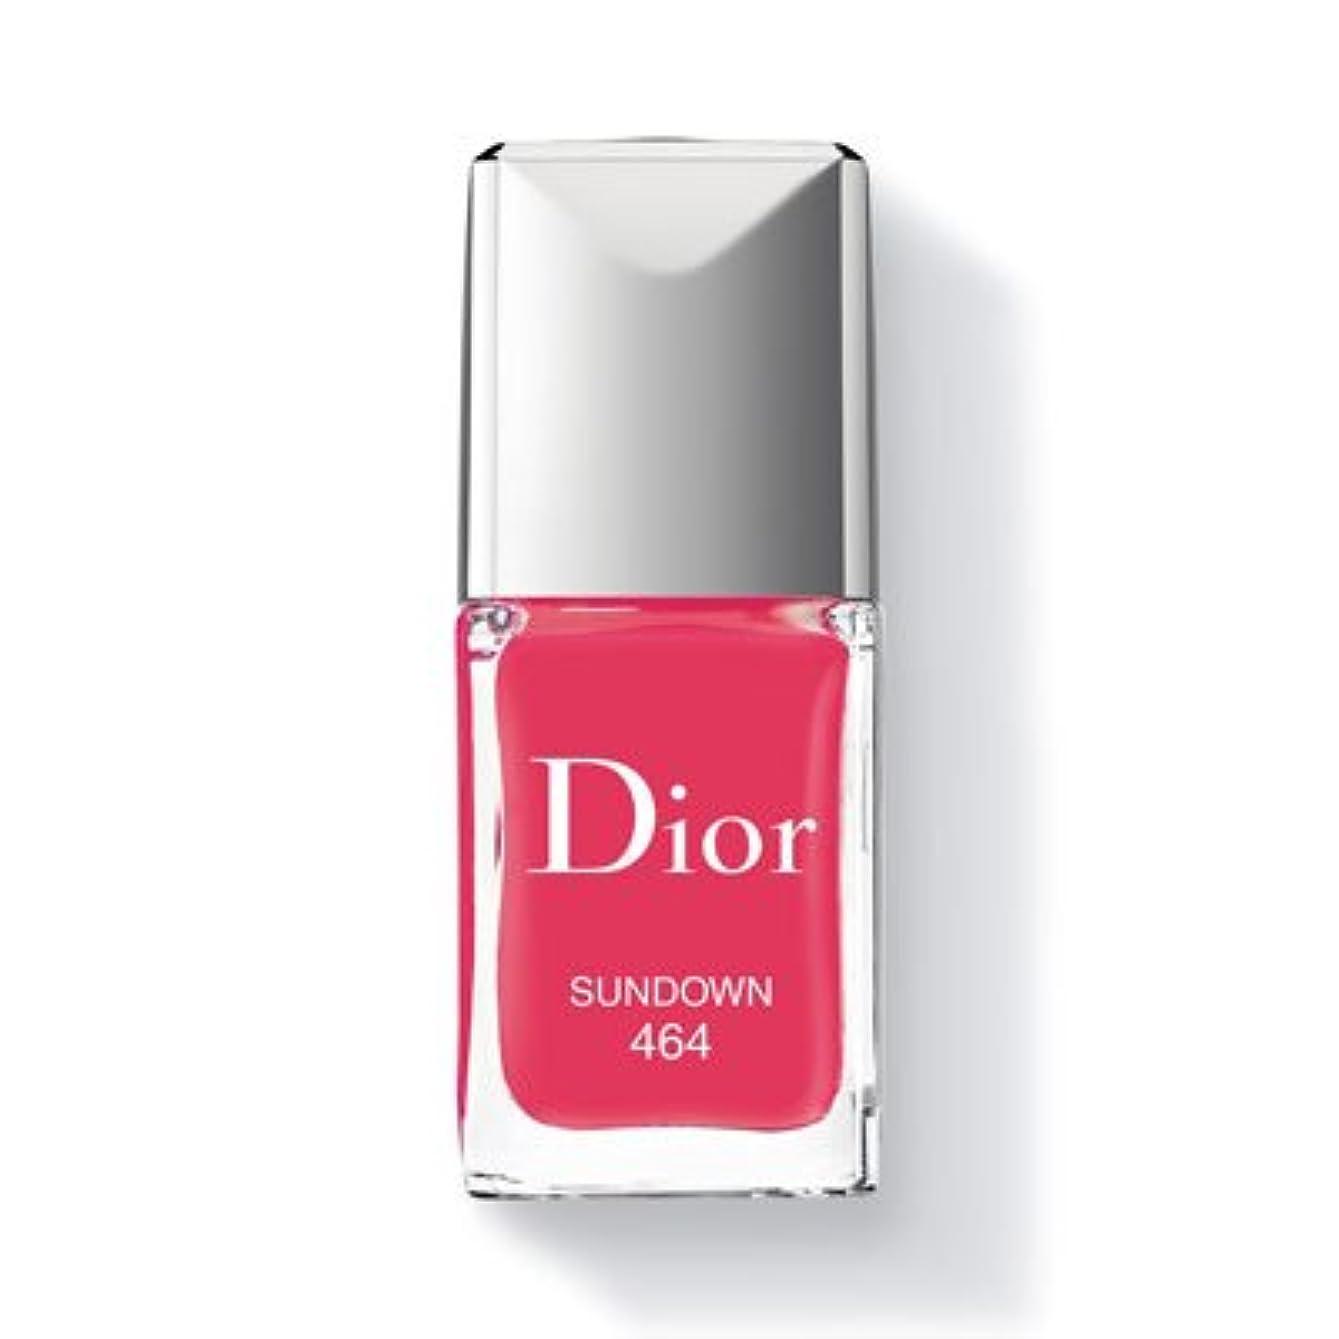 暫定のトーク境界Christian Dior クリスチャン ディオール ディオール ヴェルニ #464 SUNDOWN 10ml [並行輸入品]